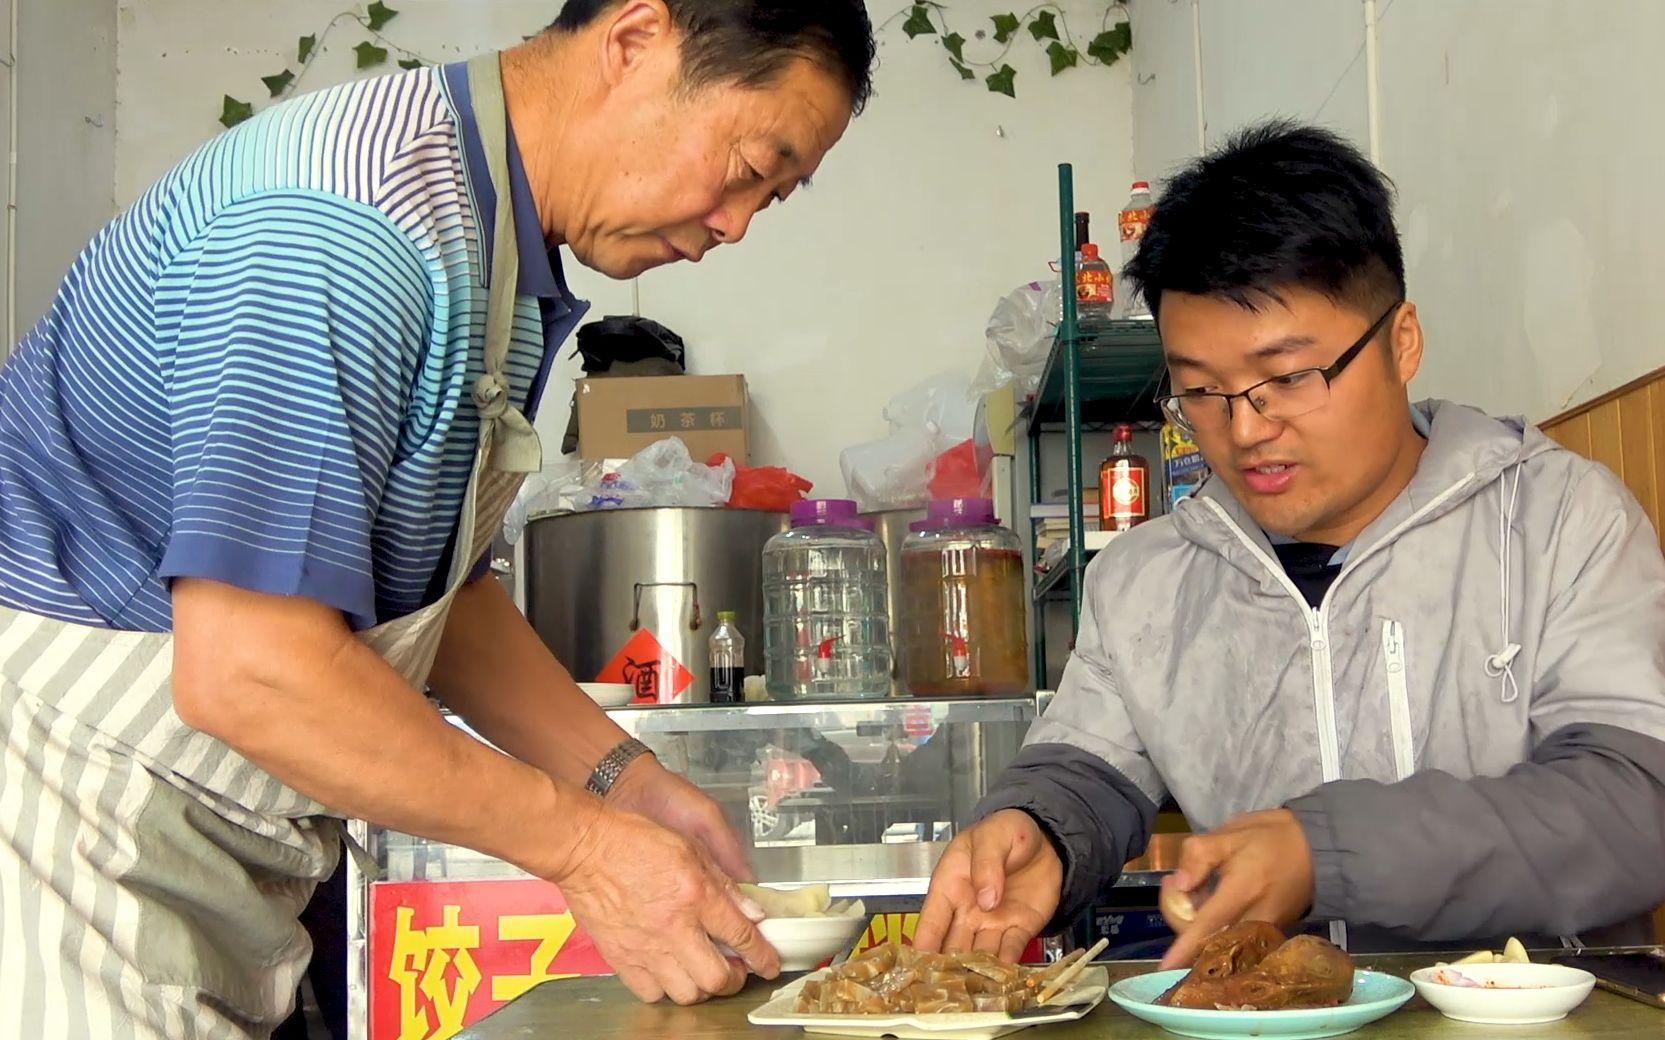 饺子一样一盘,小菜一样一份,大sao下馆子,服务员大爷太开心了